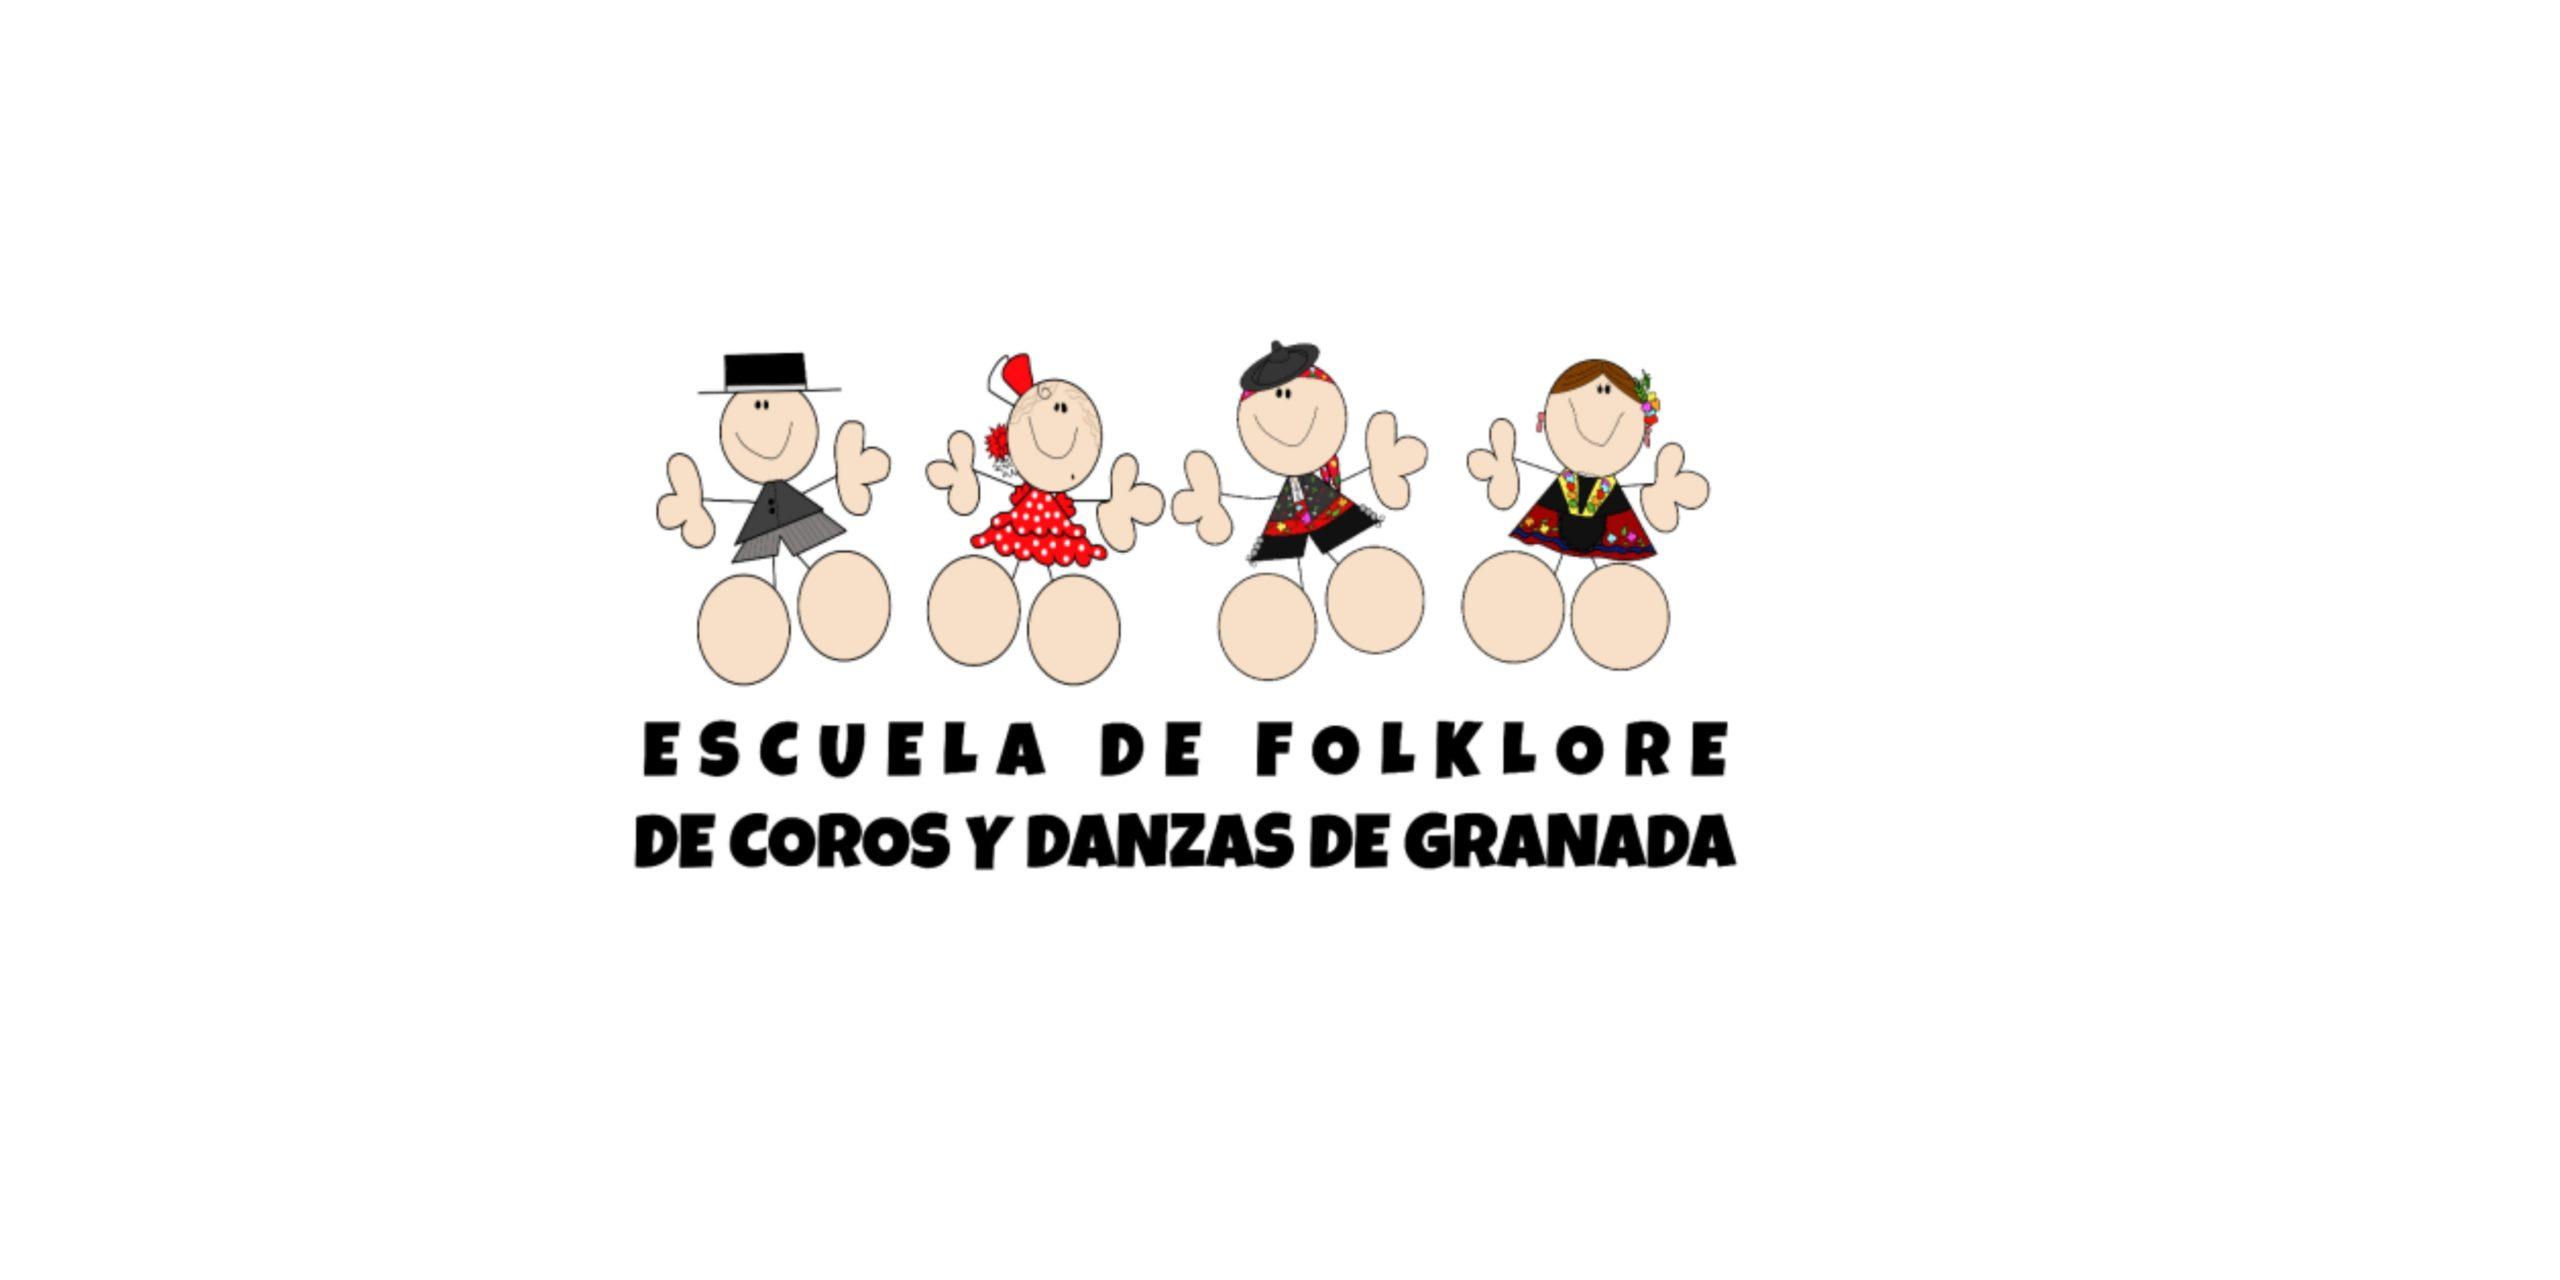 Escuela de coros y danzas de Granada abre plazo de inscripción